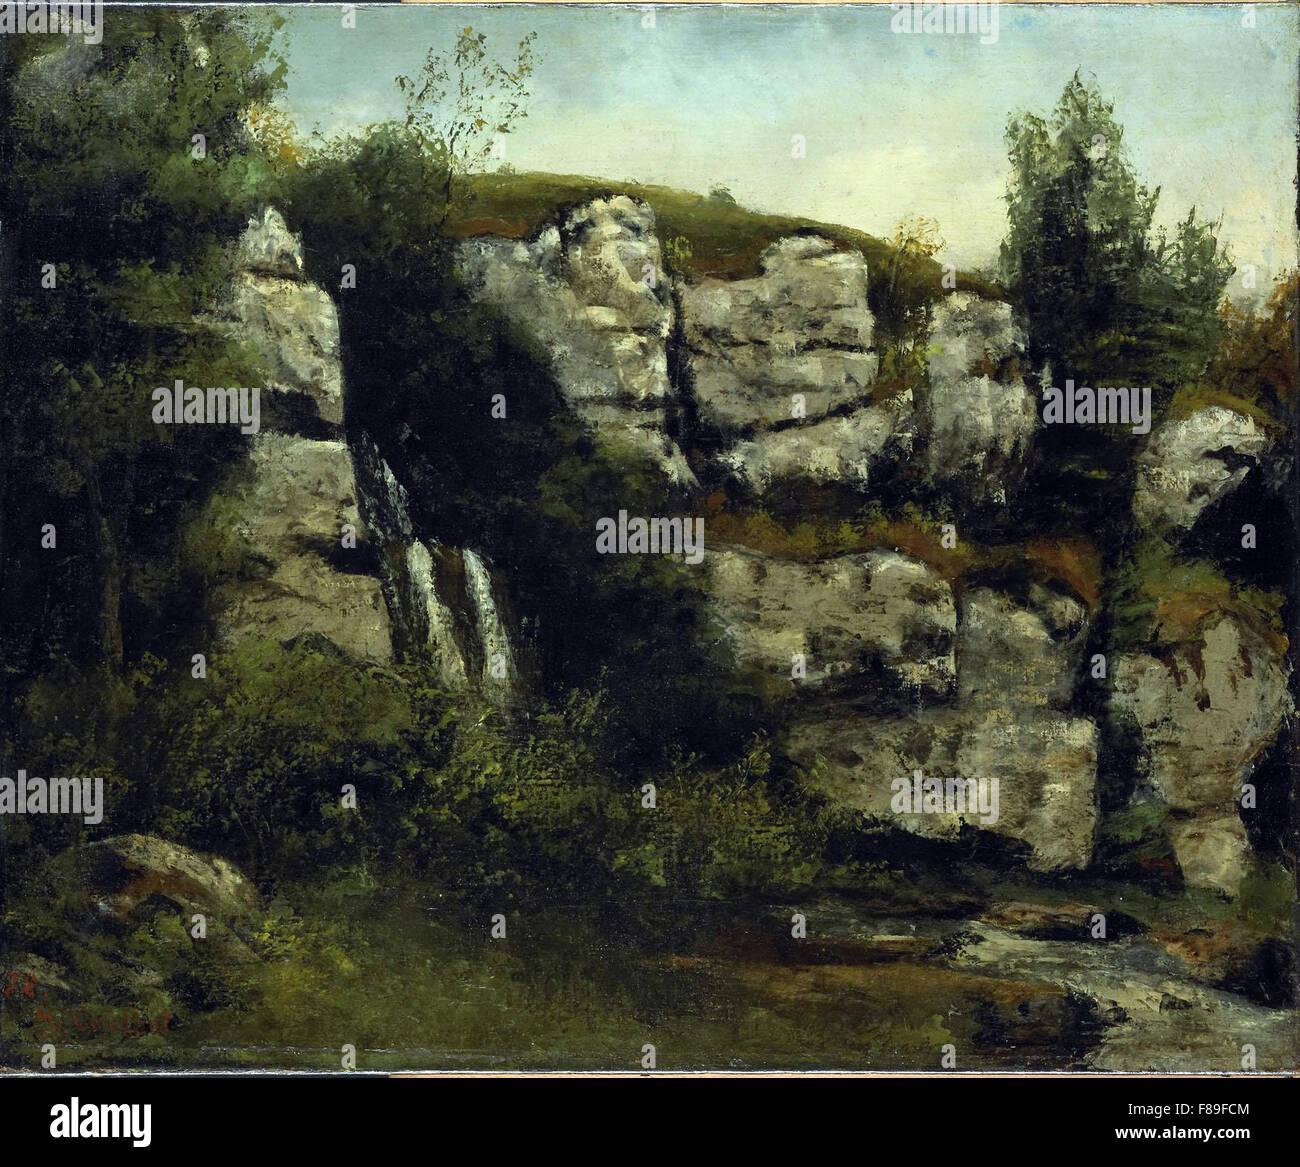 Gustave Courbet - Paesaggio con scogliere e una cascata Immagini Stock